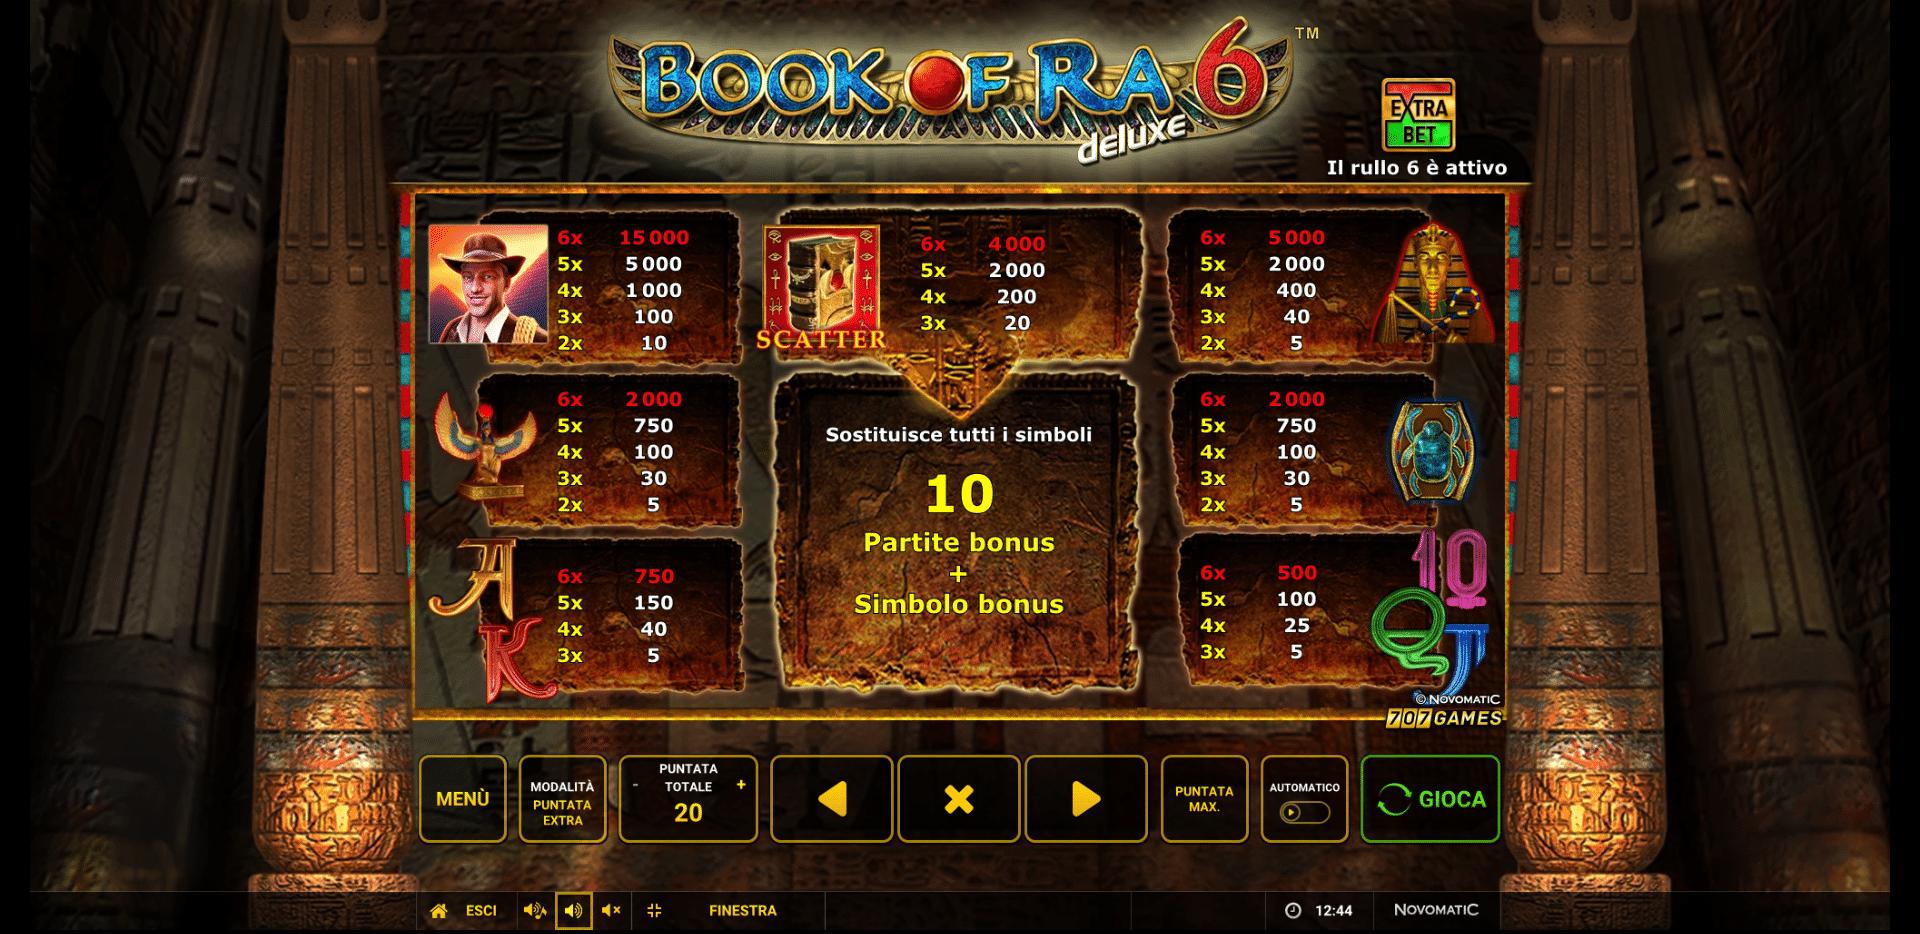 Tabella Pagamenti Slot Gratis Book Of Ra 6